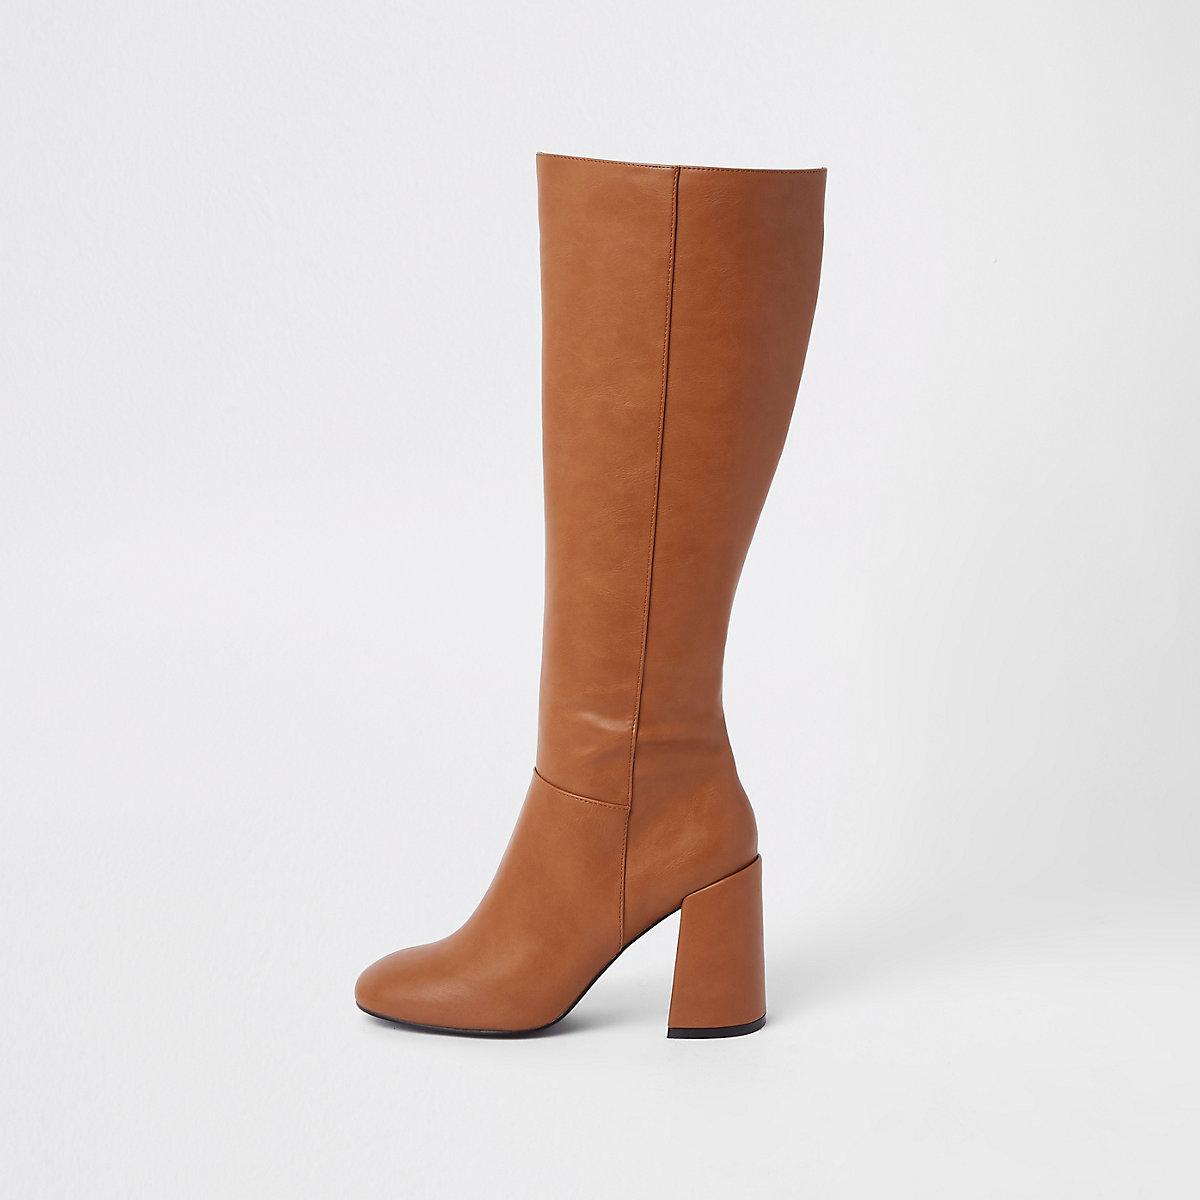 Brown block heel knee high boots